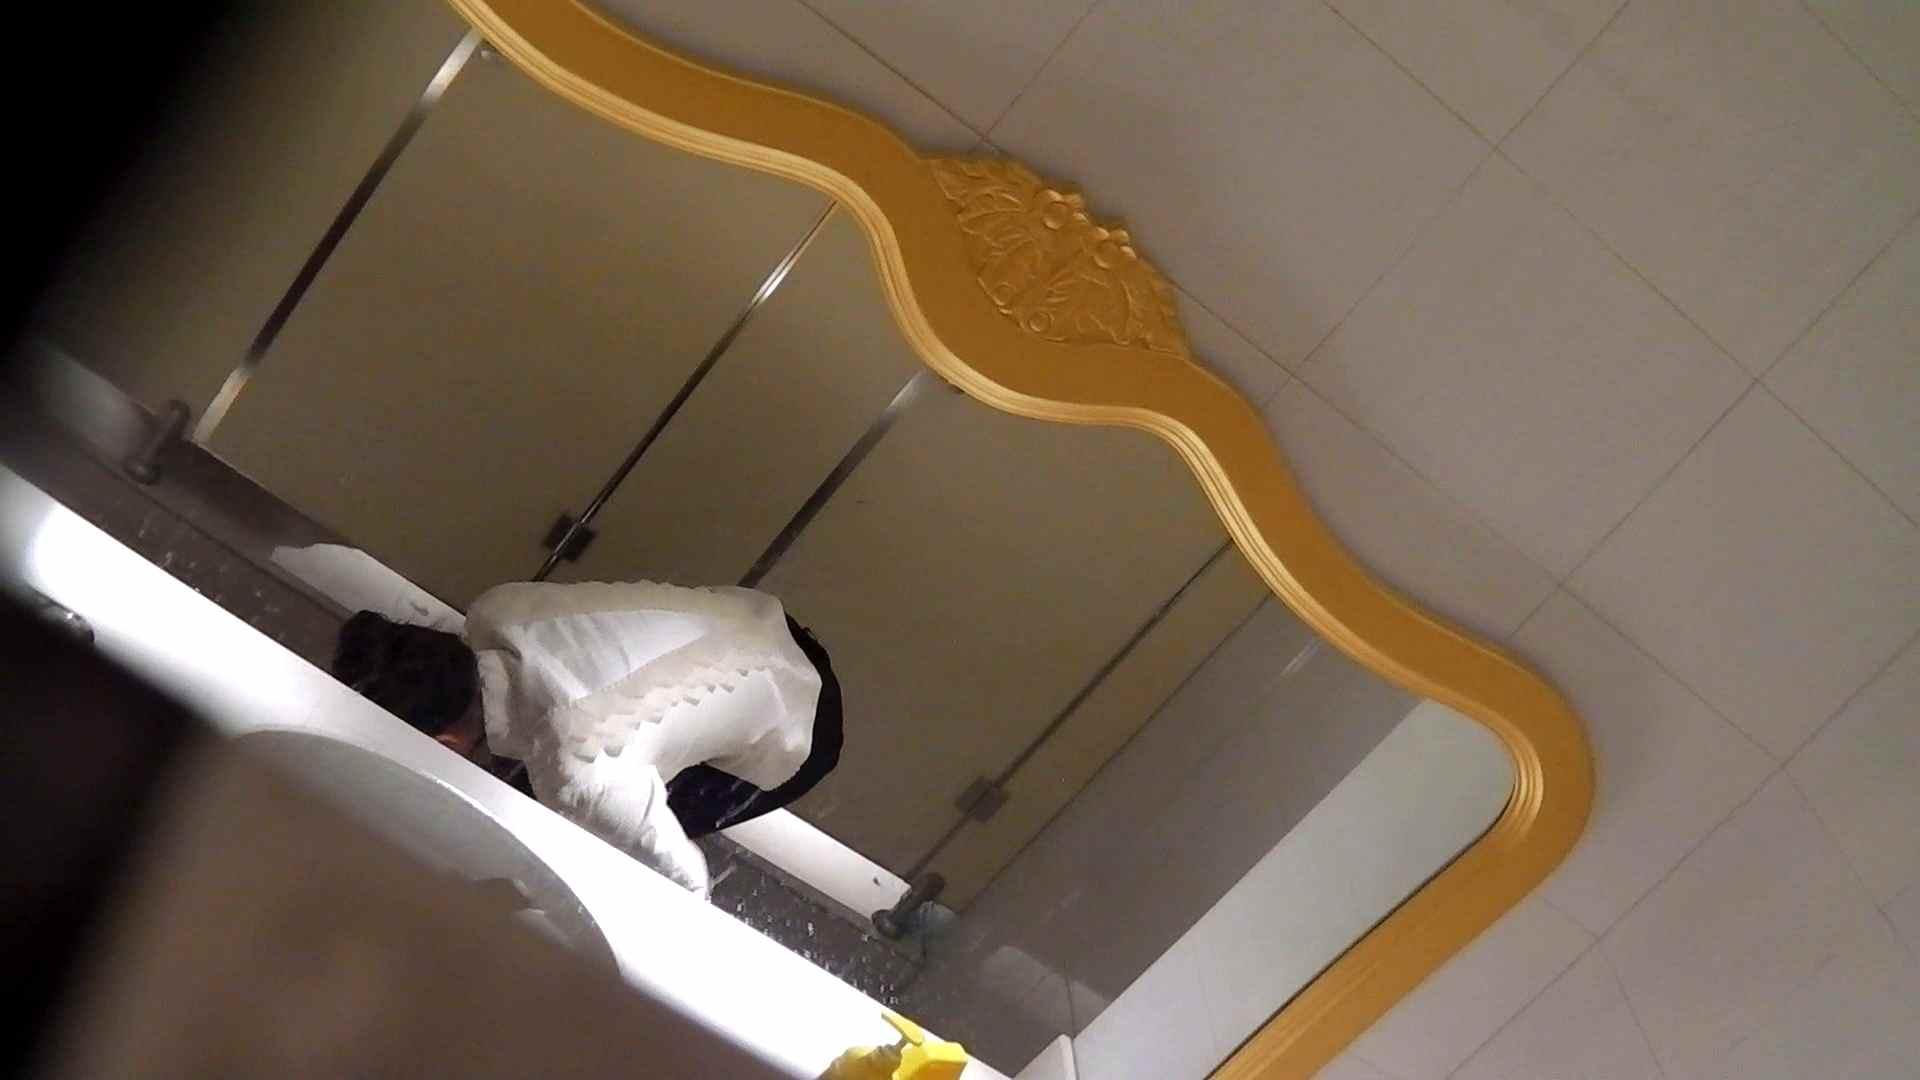 洗寿観音さんの 化粧室は四面楚歌Nol.2 エッチすぎるOL達  97連発 88